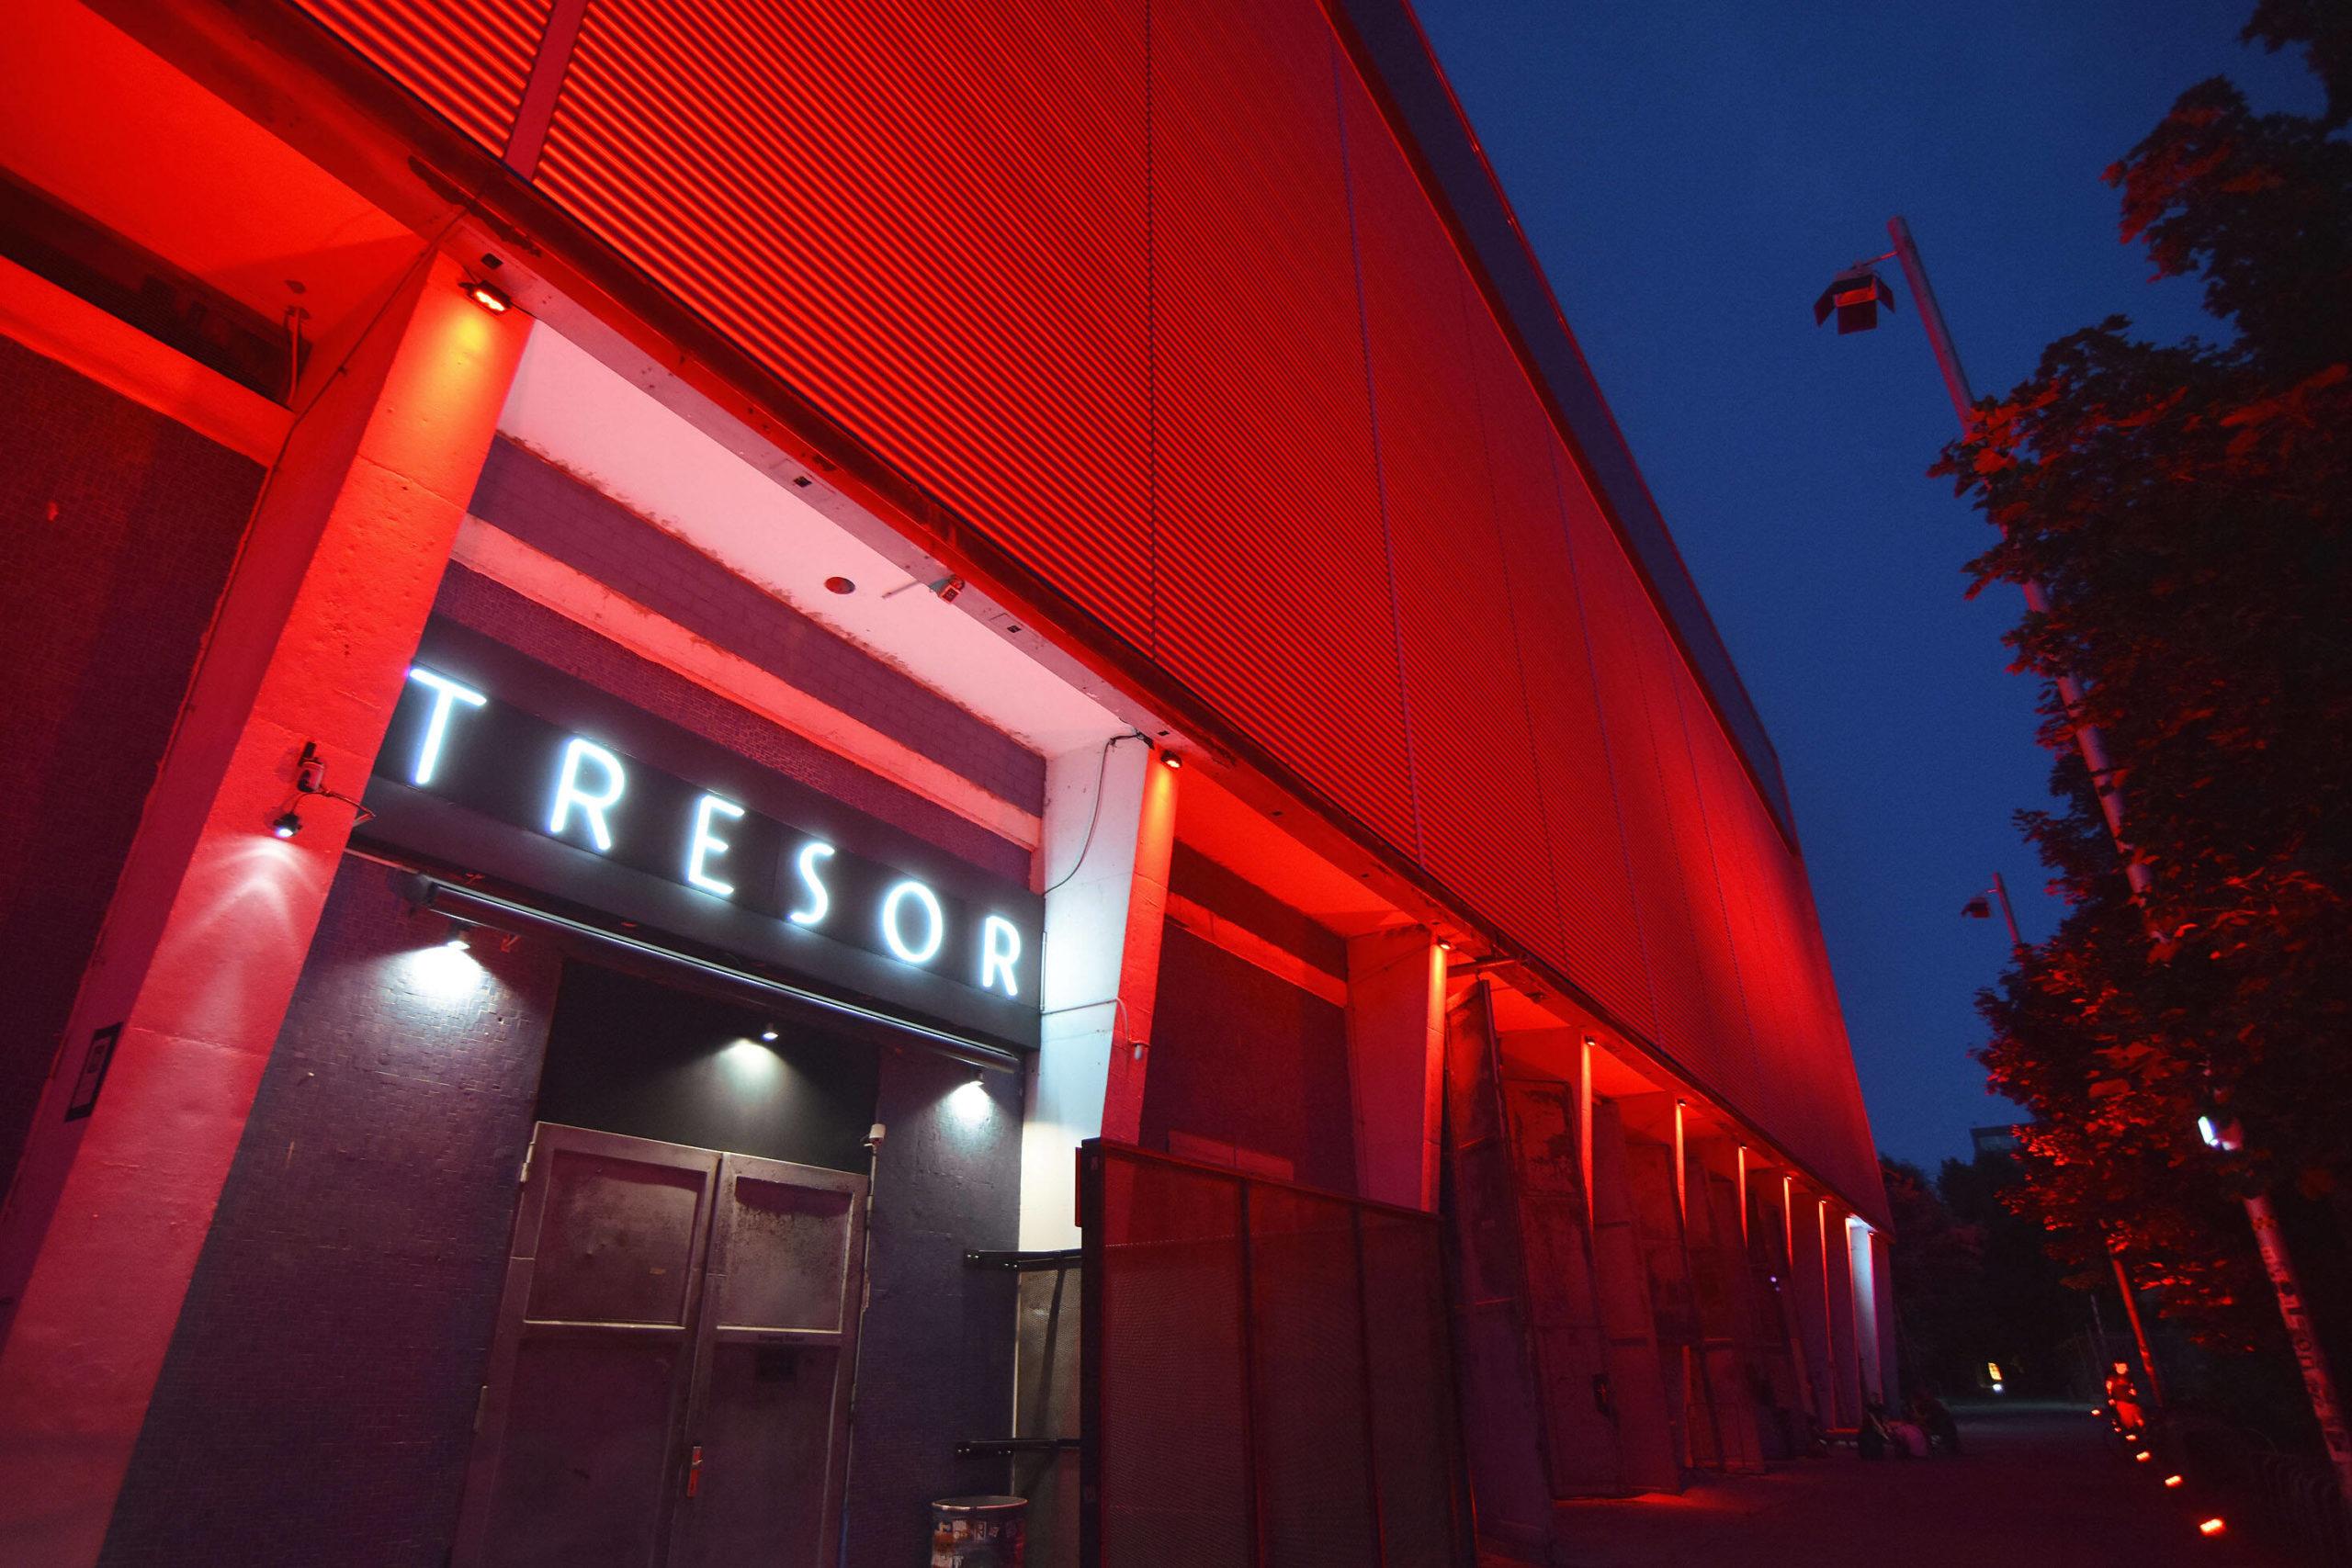 Clubs wie der Tresor sind keine Vergnügungsstätten mehr, sondern gelten als Hochkultur. Geschlossen und bedroht sind sie dennoch. Foto: Imago/Pemax